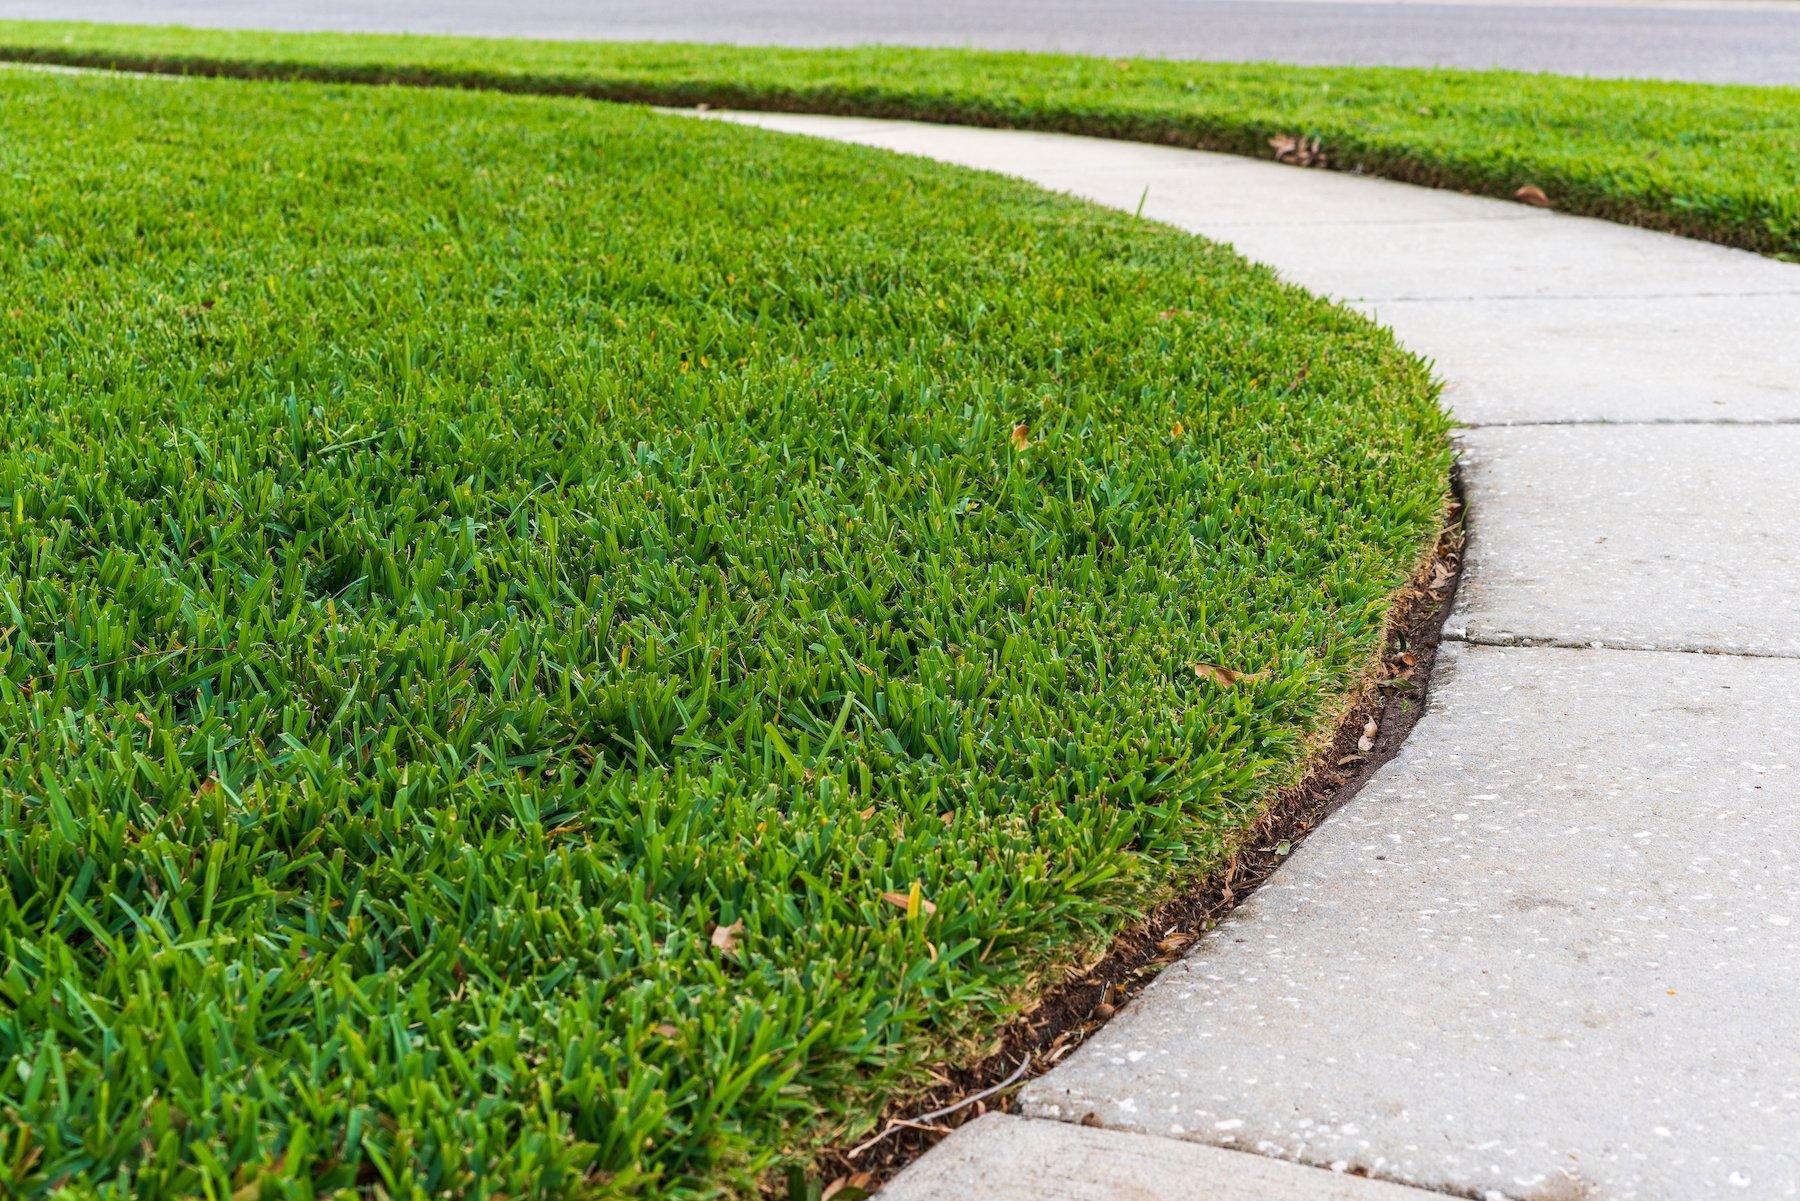 sod along a sidewalk